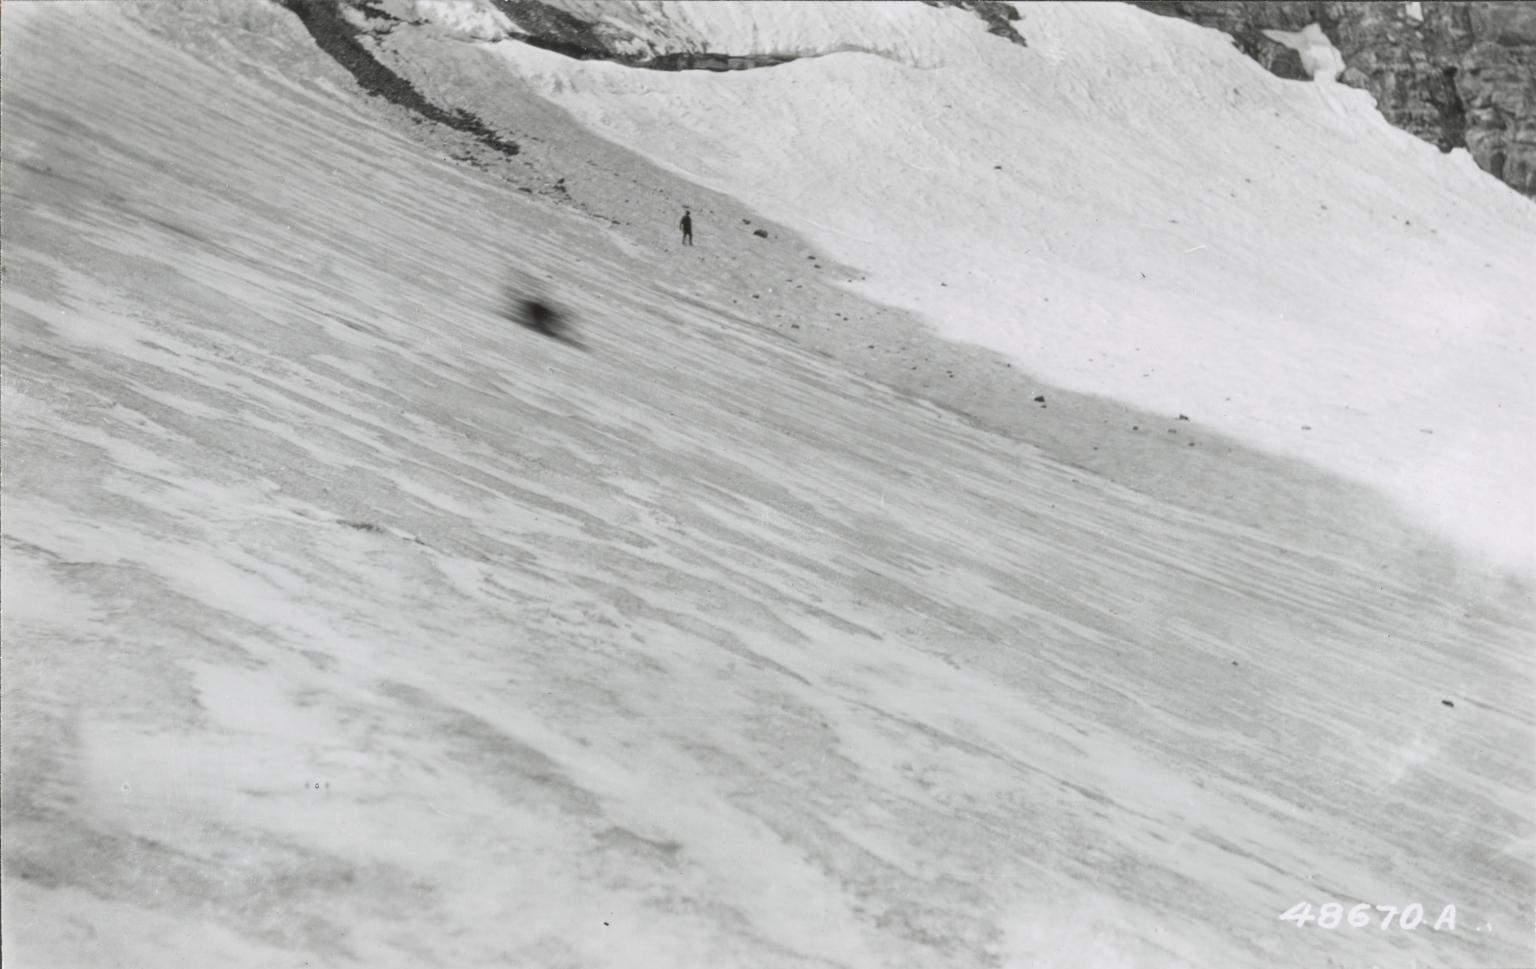 Saint Vrain Glaciers, Colorado